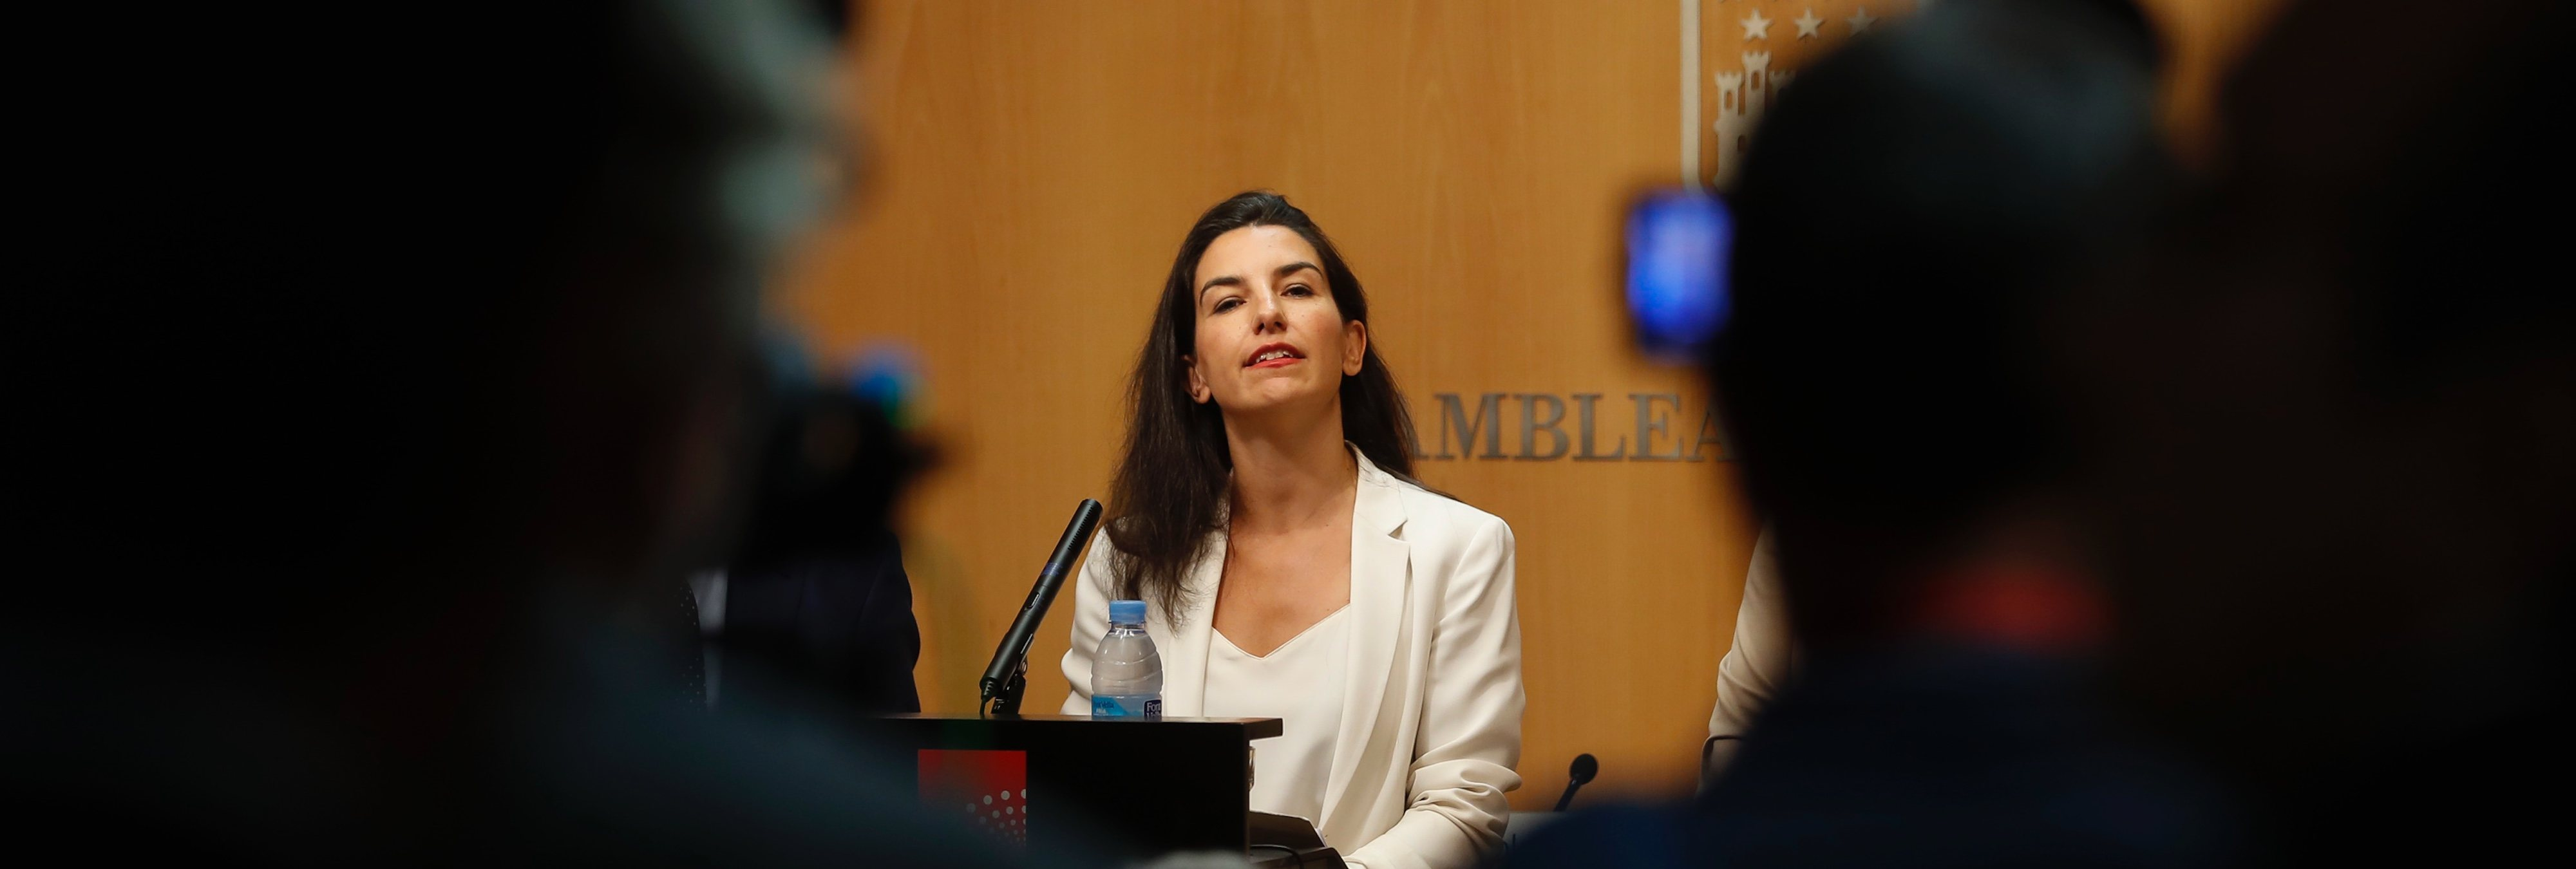 VOX exige a PP y Cs derogar las leyes contra la discriminación LGTBI en un acuerdo a tres